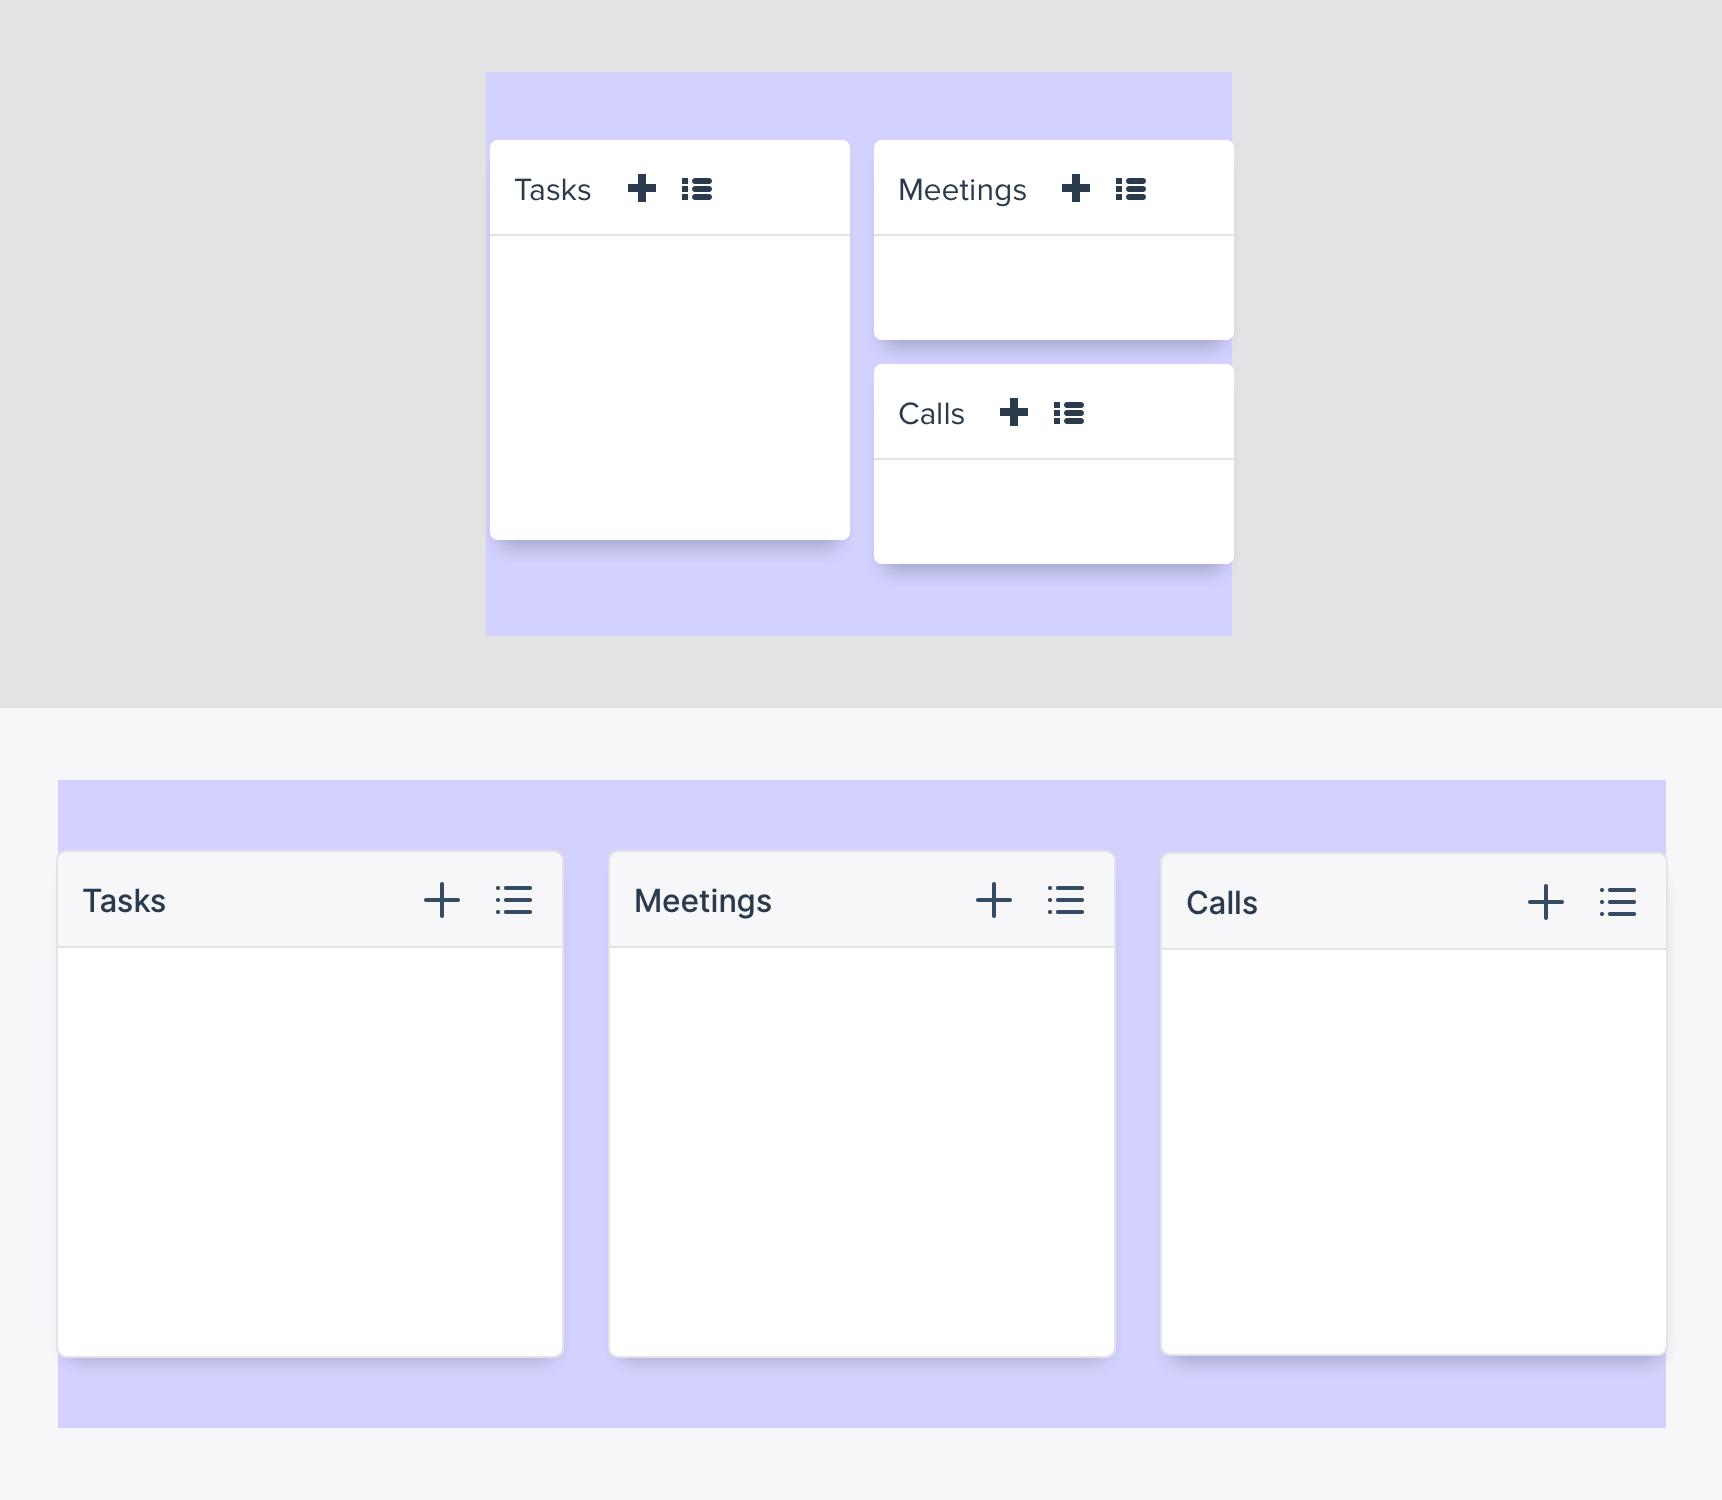 Het oude versus nieuwe design van de widgets op het dashboard